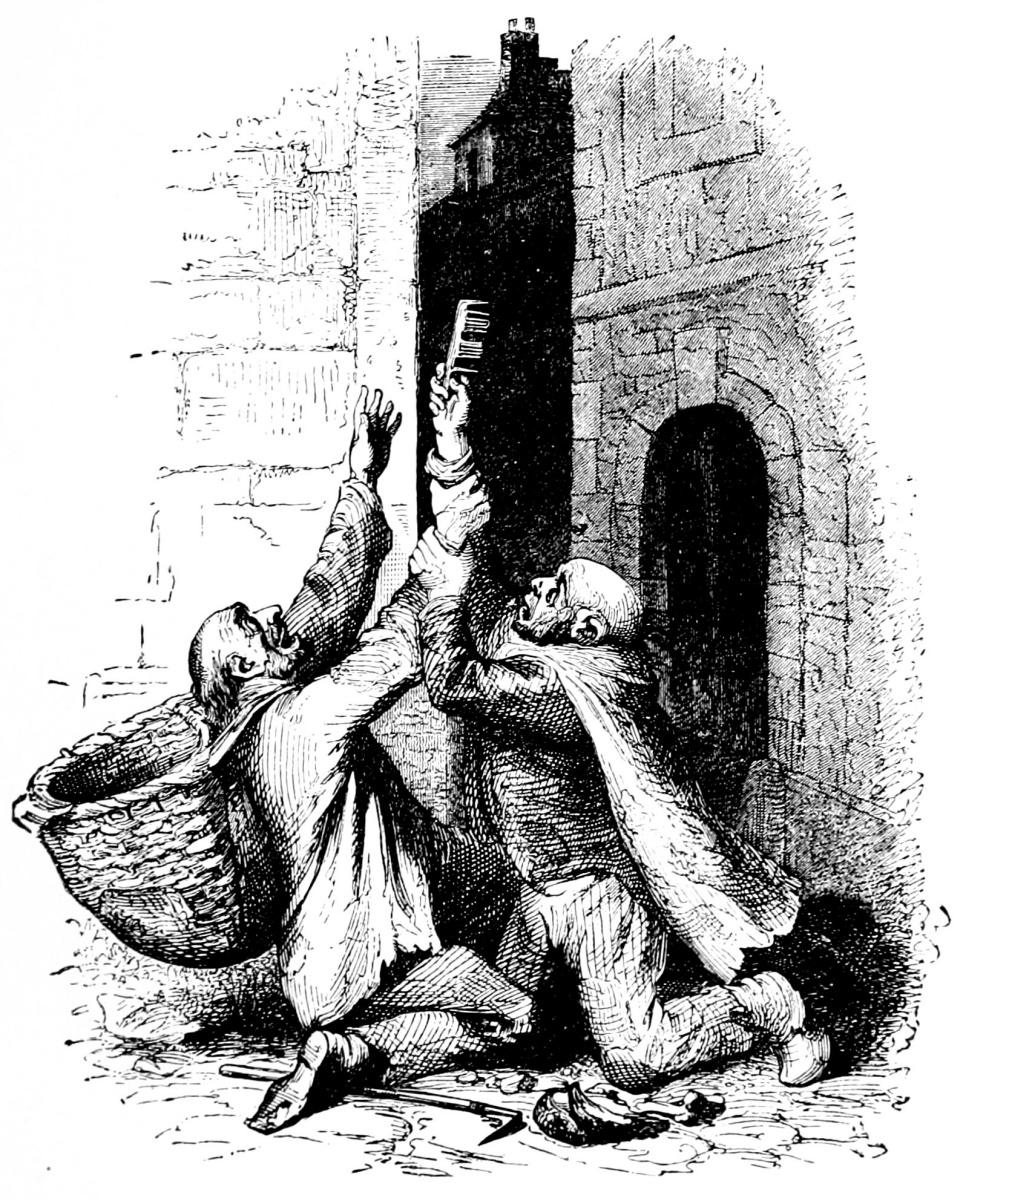 Жан Иньяс Изидор (Жерар) Гранвиль. Расческа и двое лысых нищих. Иллюстрации к басням Флориана